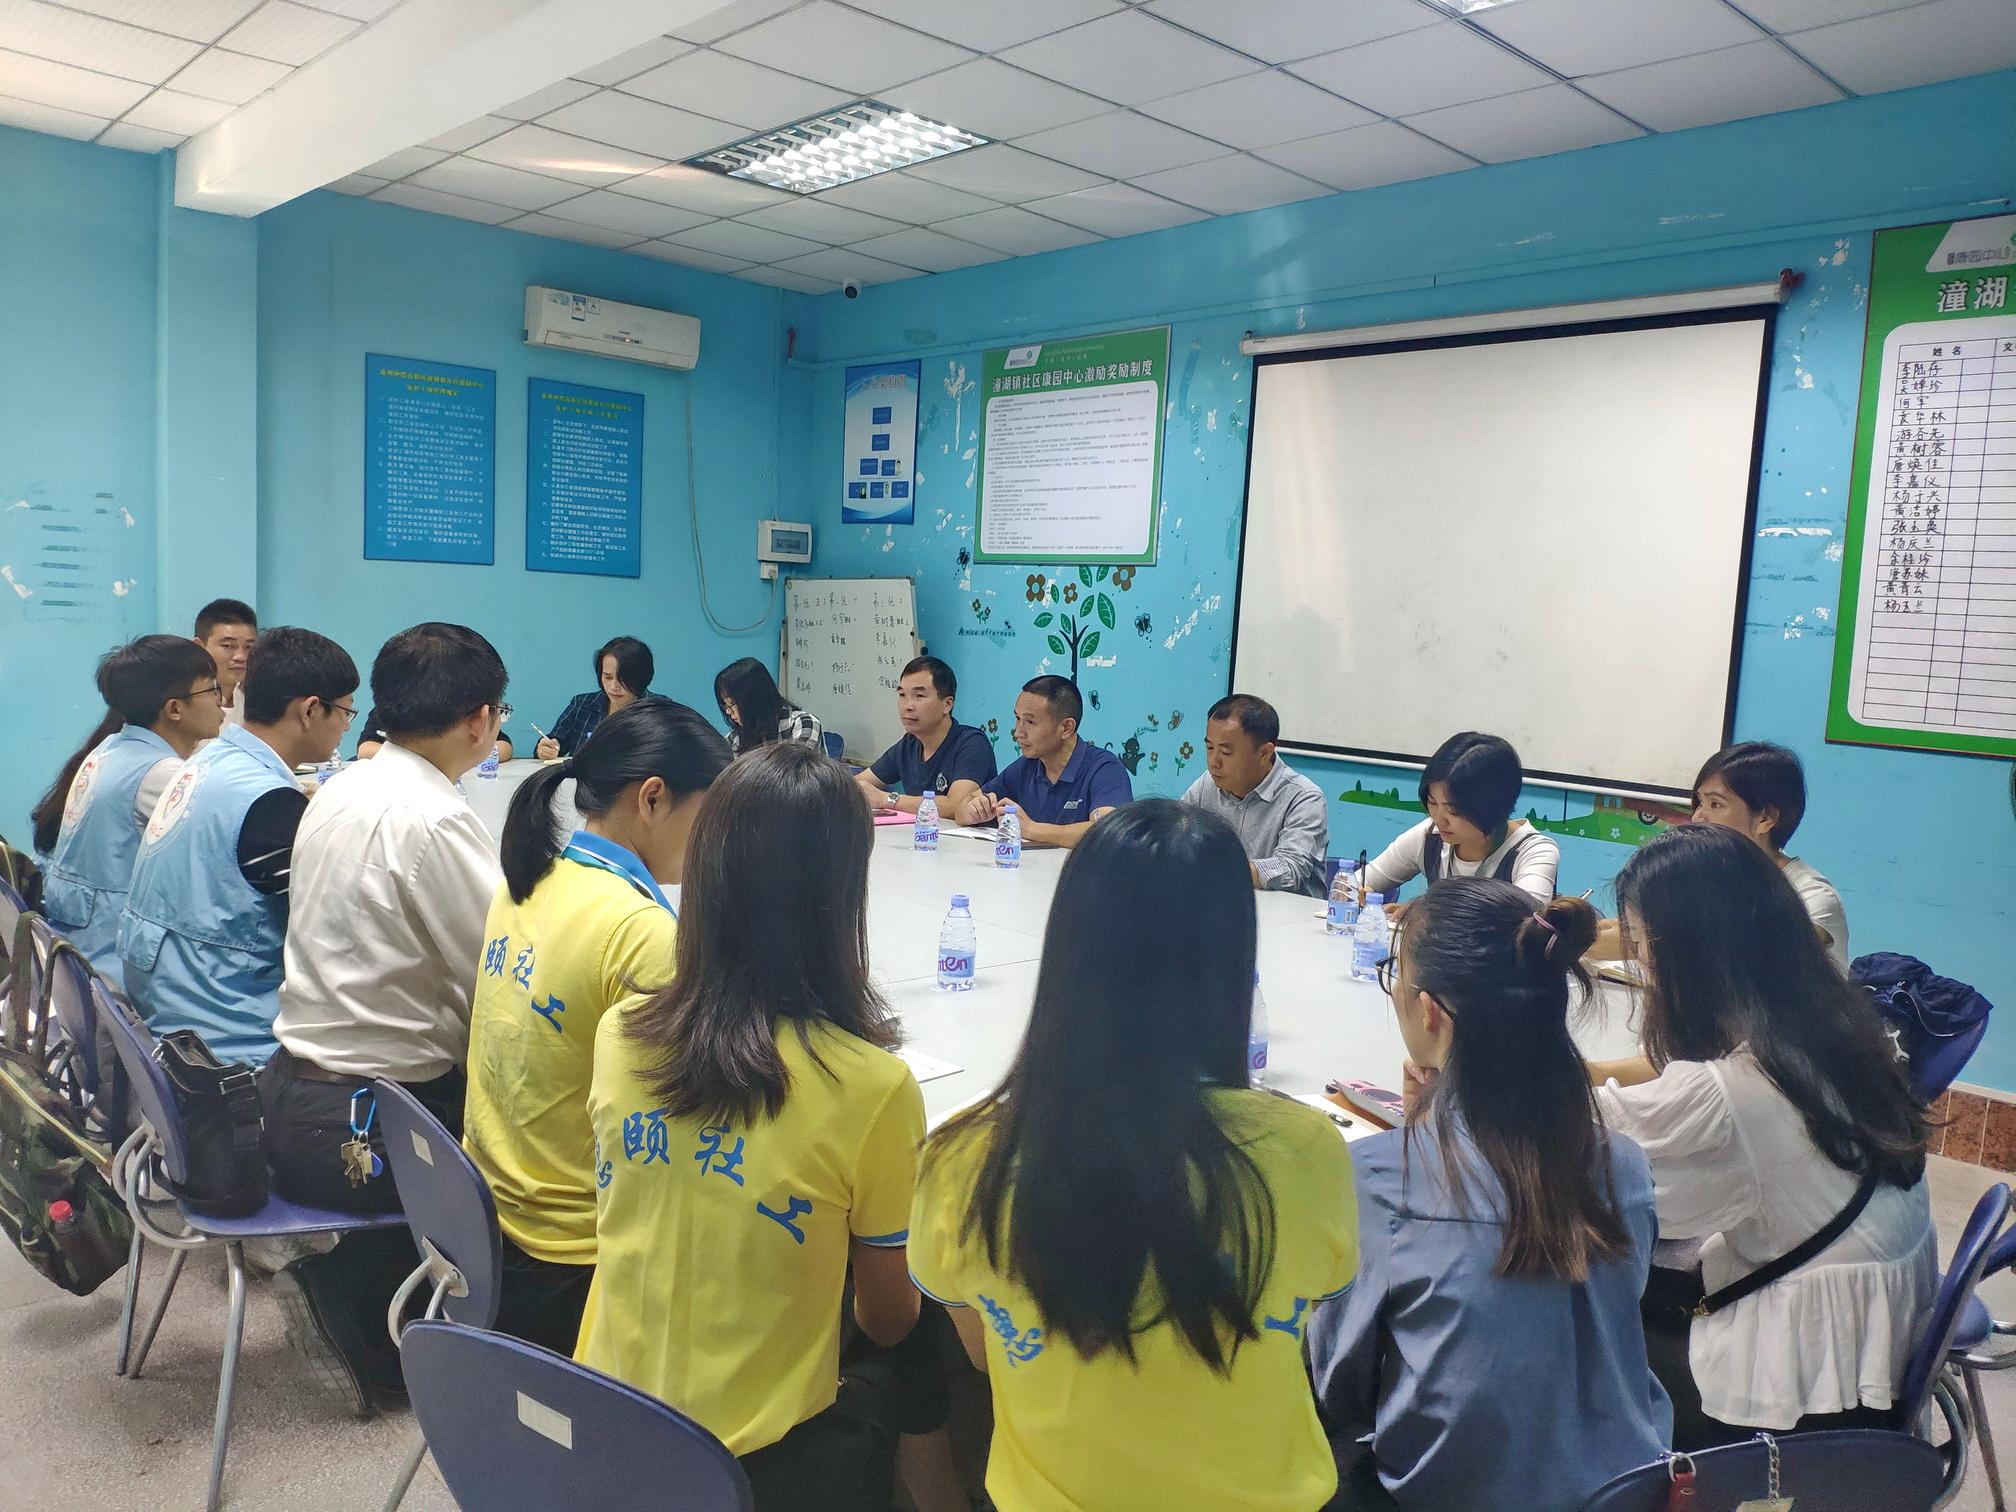 2019年省康园项目督导团队第三次实地督导工作顺利完成